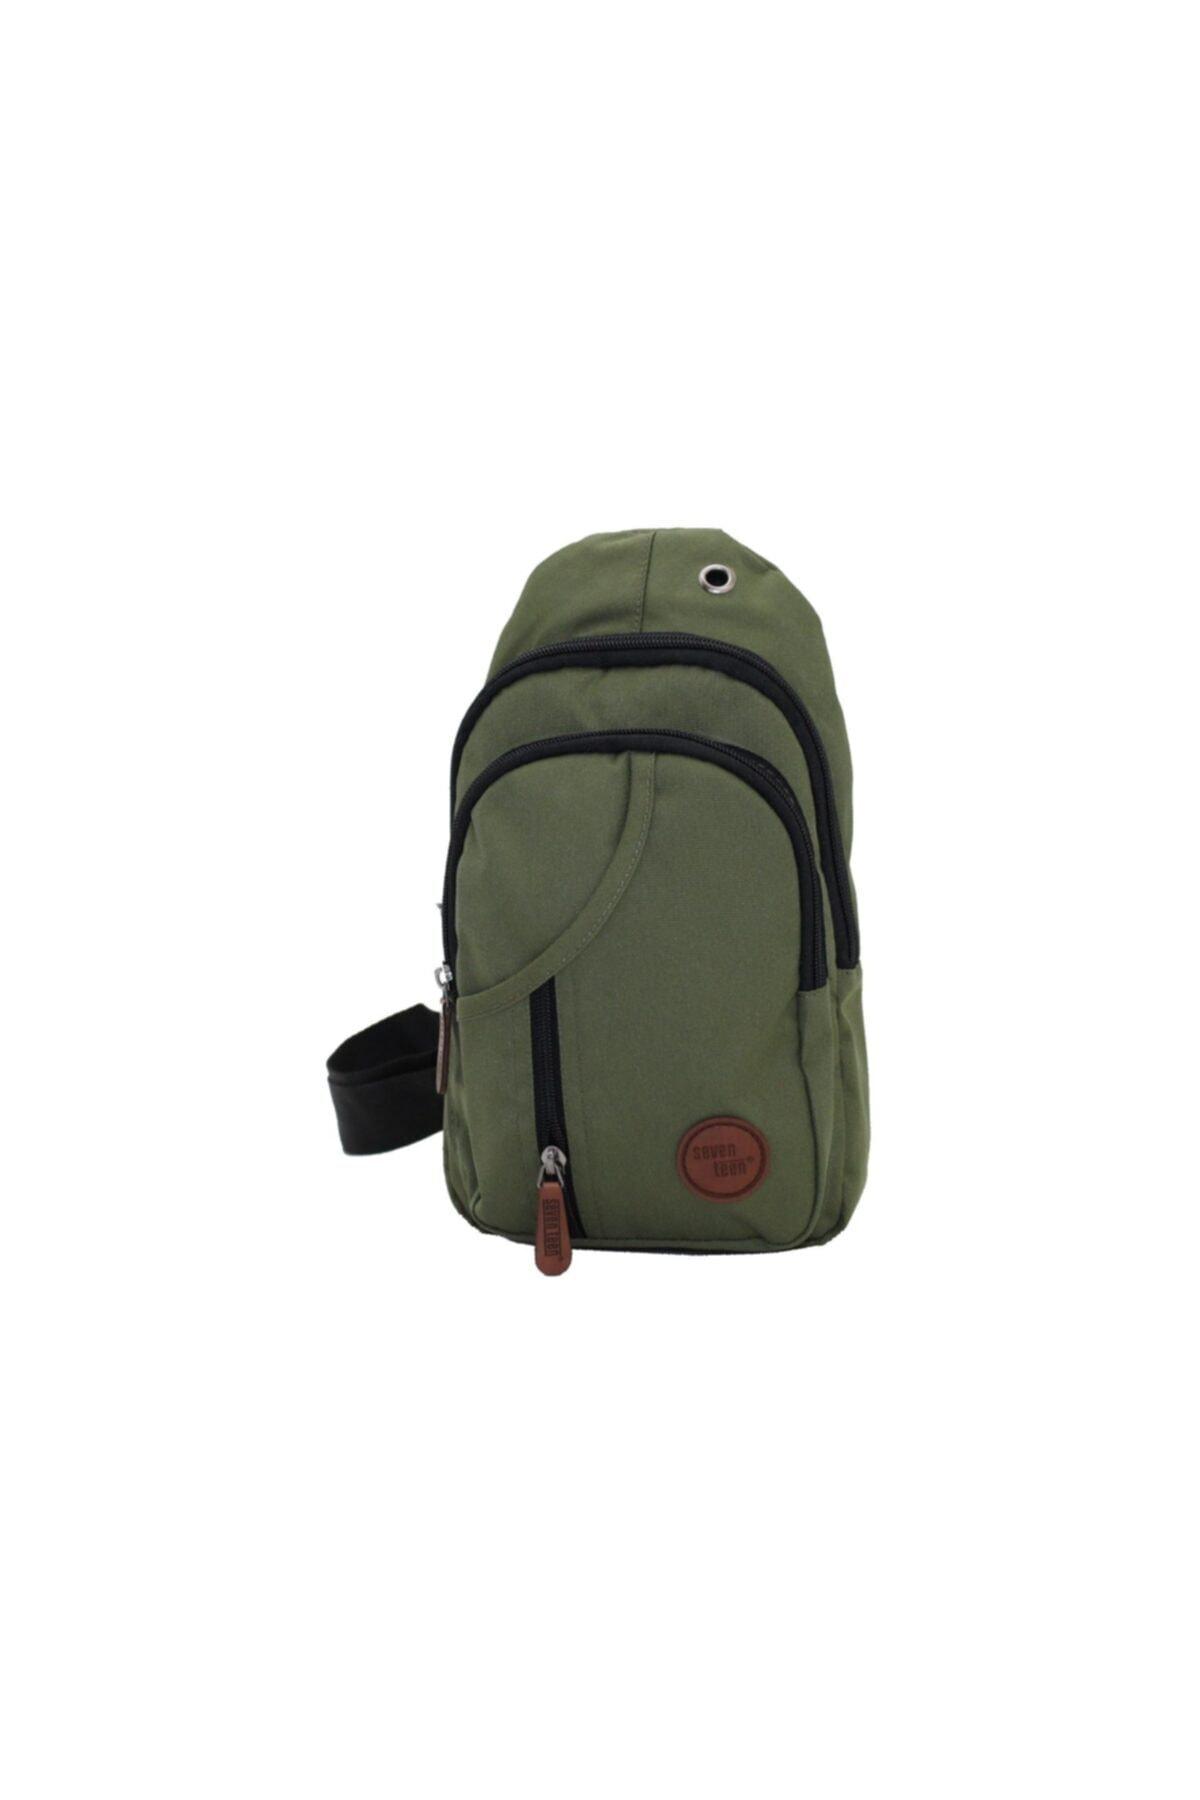 SEVENTEEN 3474 Tek Omuz Askılı Sırt - Göğüs Çantası - Body Bag 2